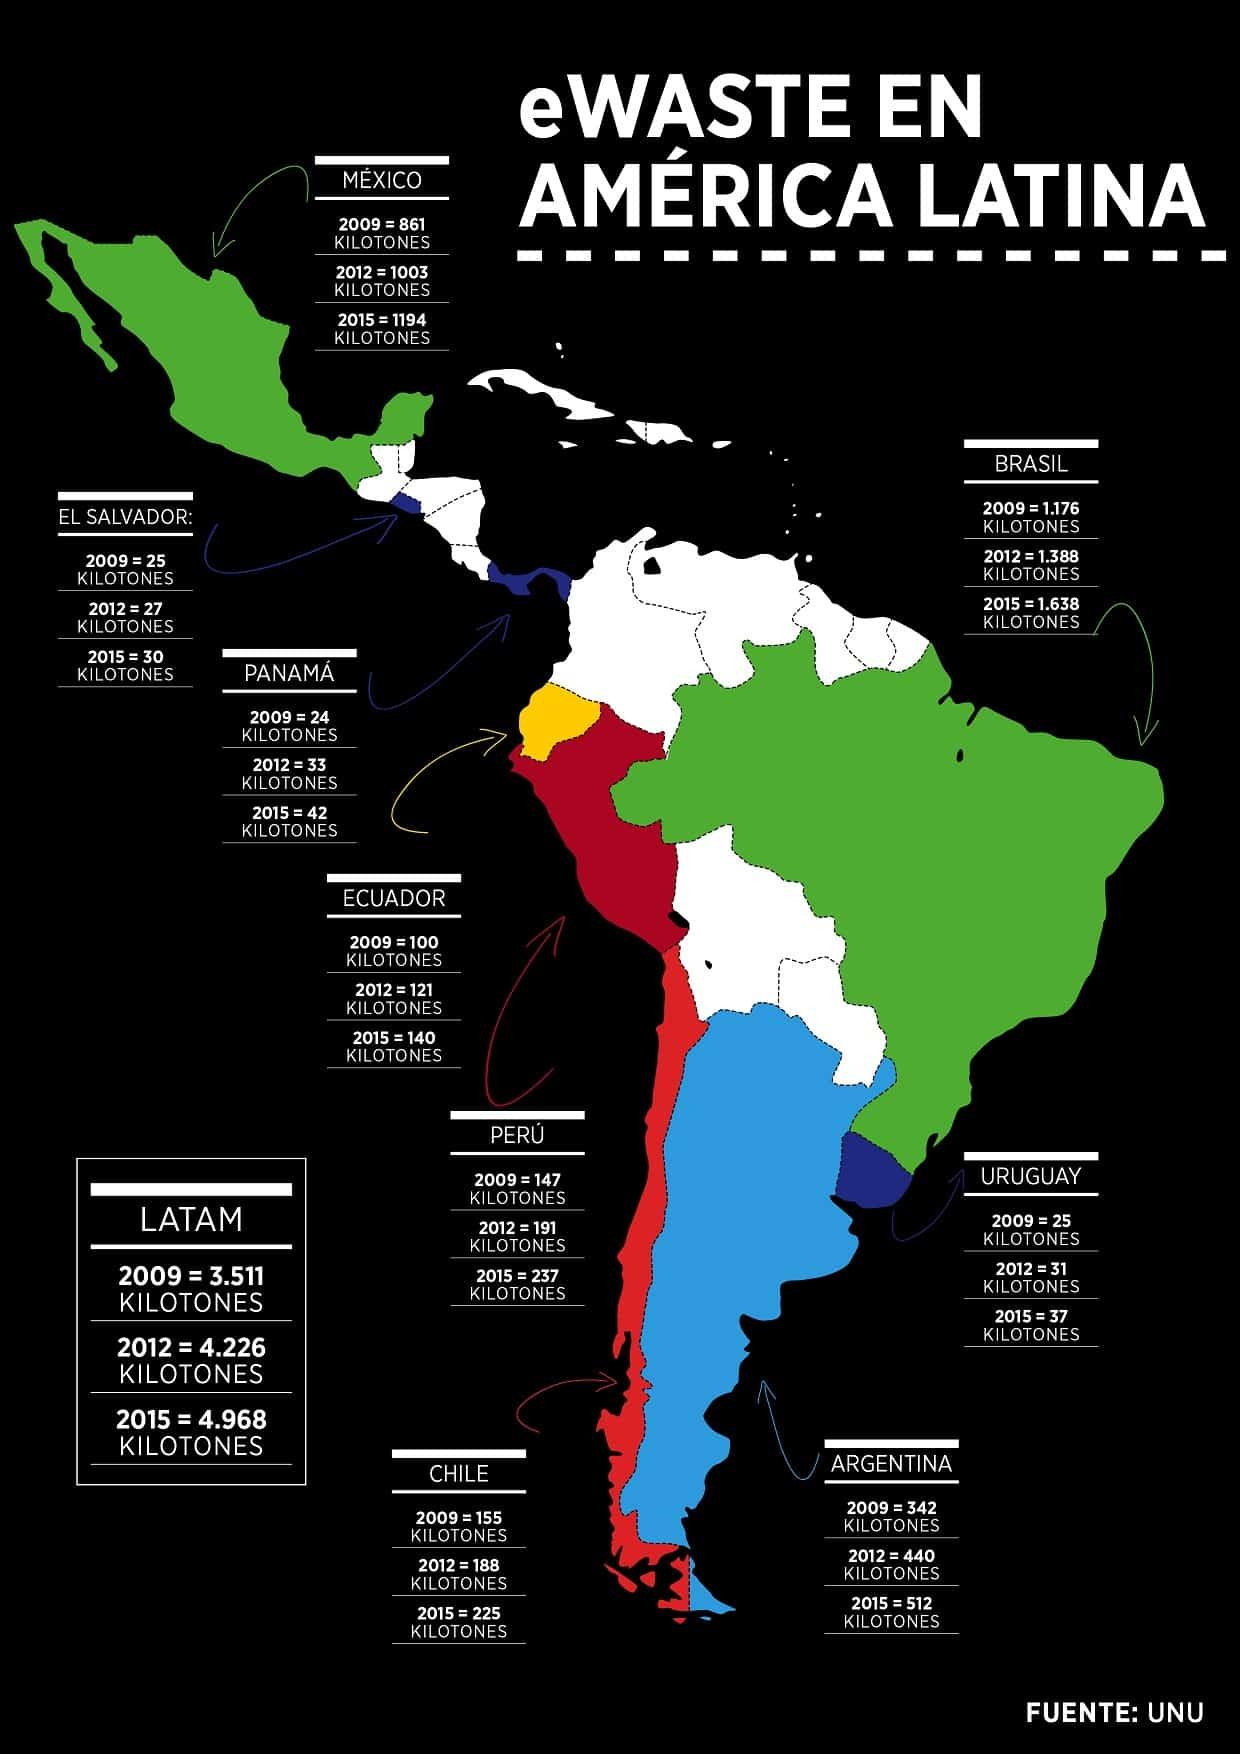 Desglose de eWaste en Latinoamérica por países.